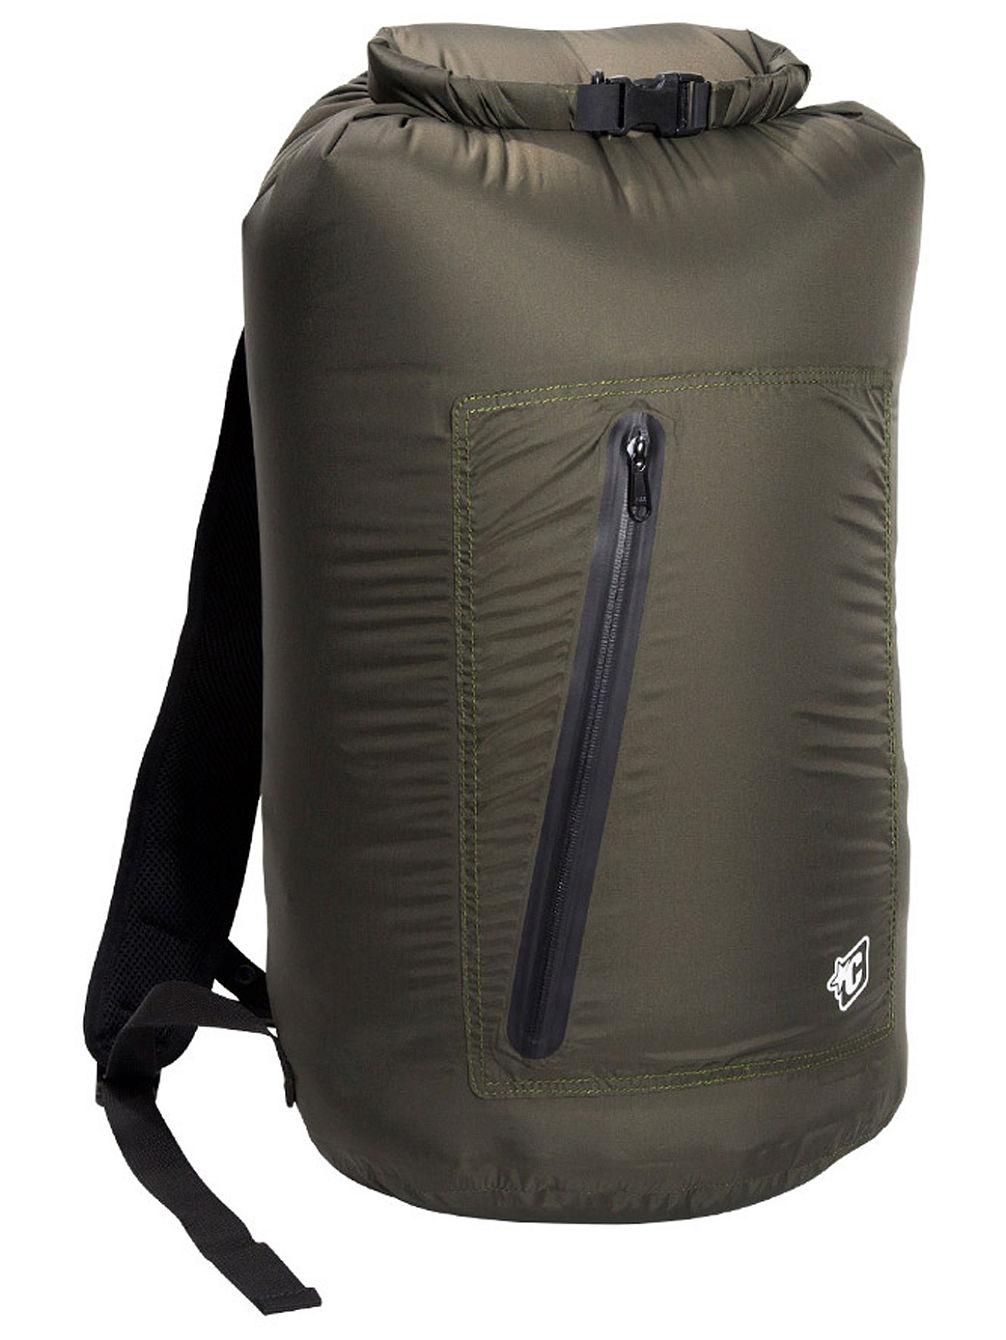 lite-day-pack-waterproof-boardbag